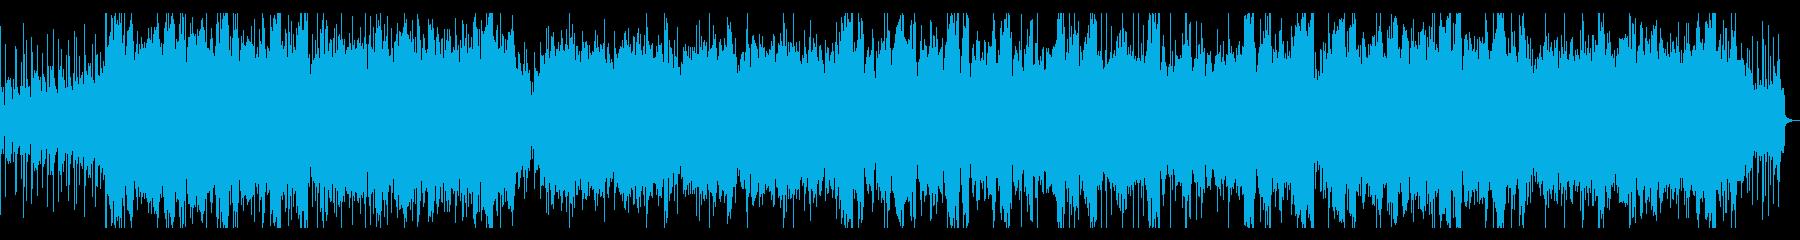 ダークな雰囲気のアイリッシュケルト風楽曲の再生済みの波形